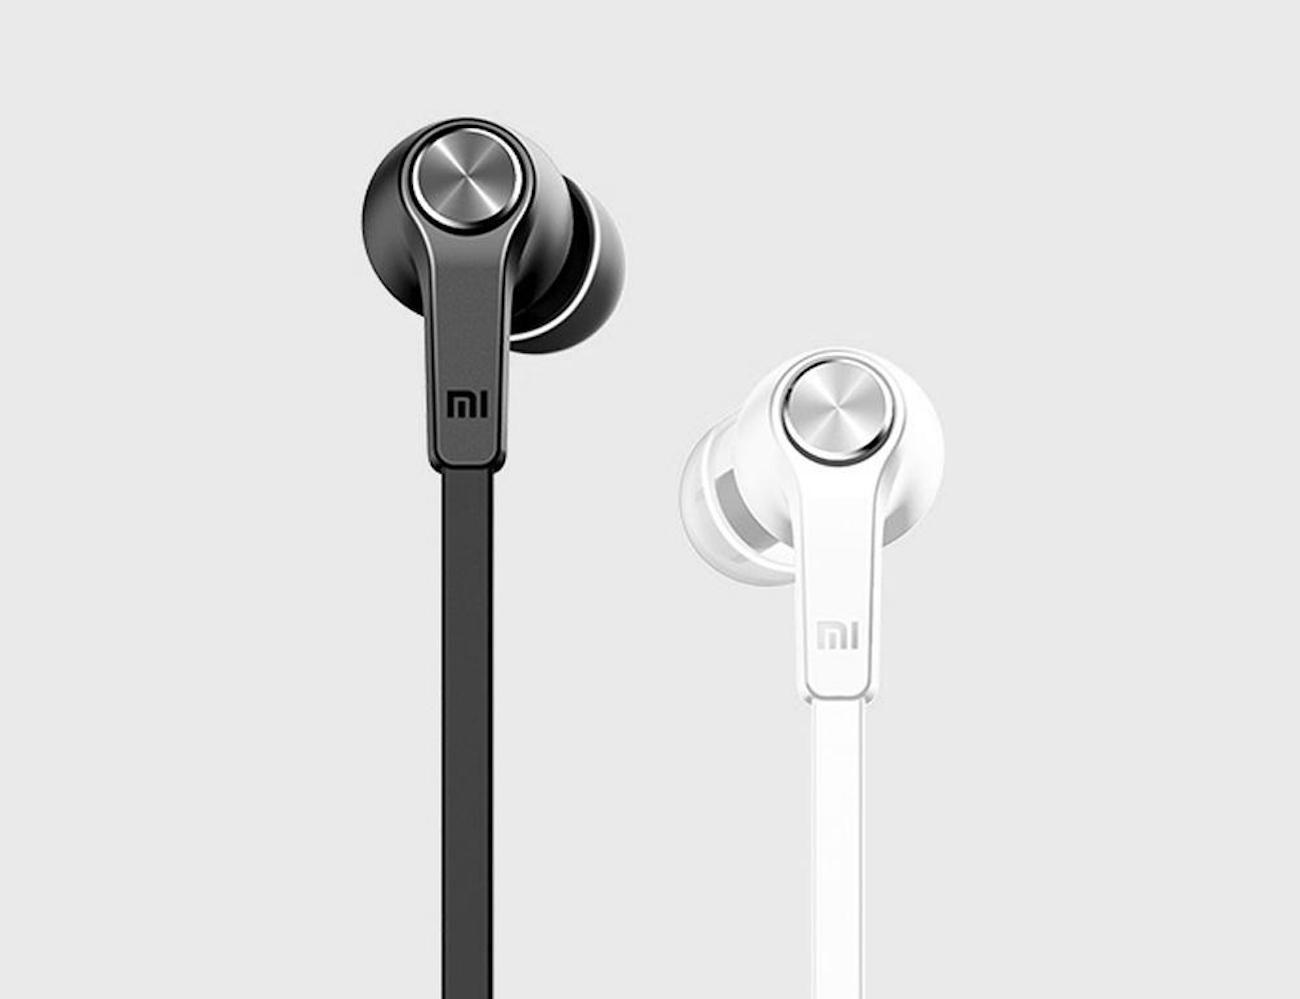 Xiaomi Piston In-Ear Stereo Earphone